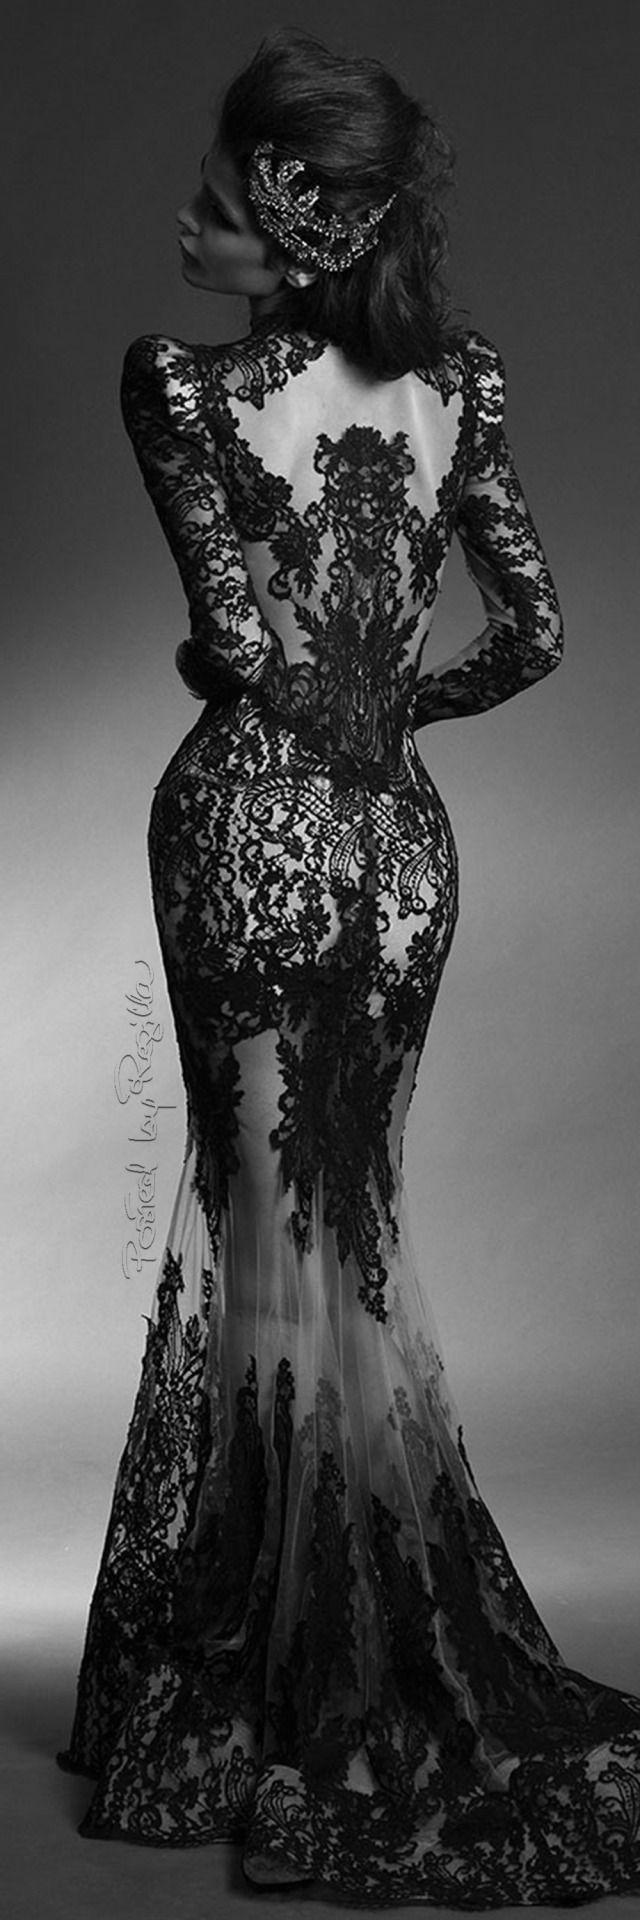 Regilla photos en noir et blanc pinterest dresses lace